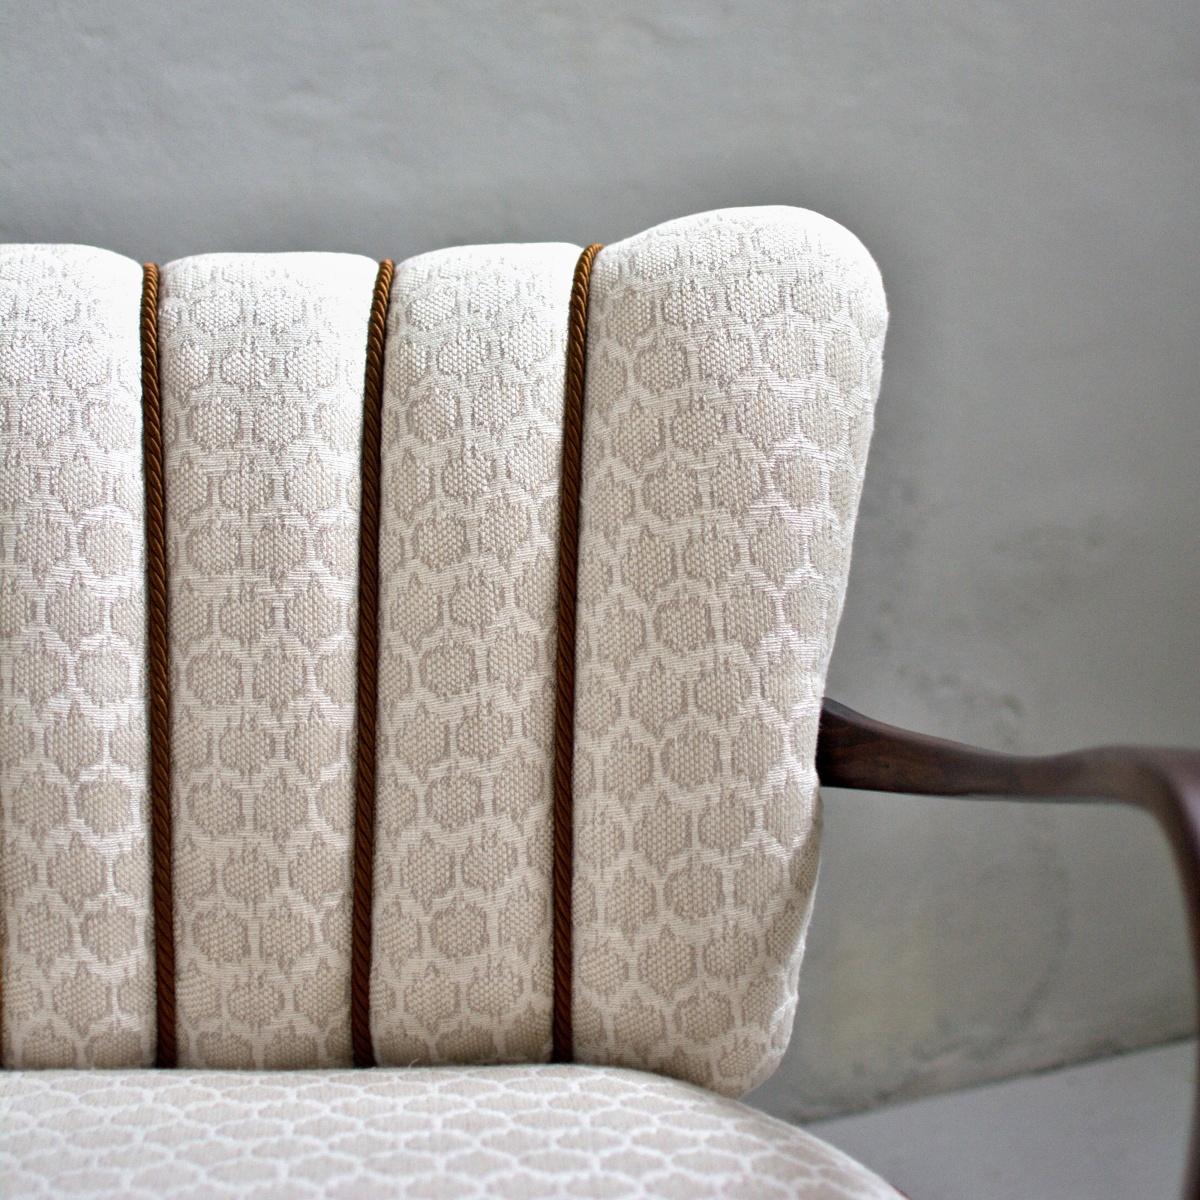 Prodej vintage nábytku vintage křesla a taburet